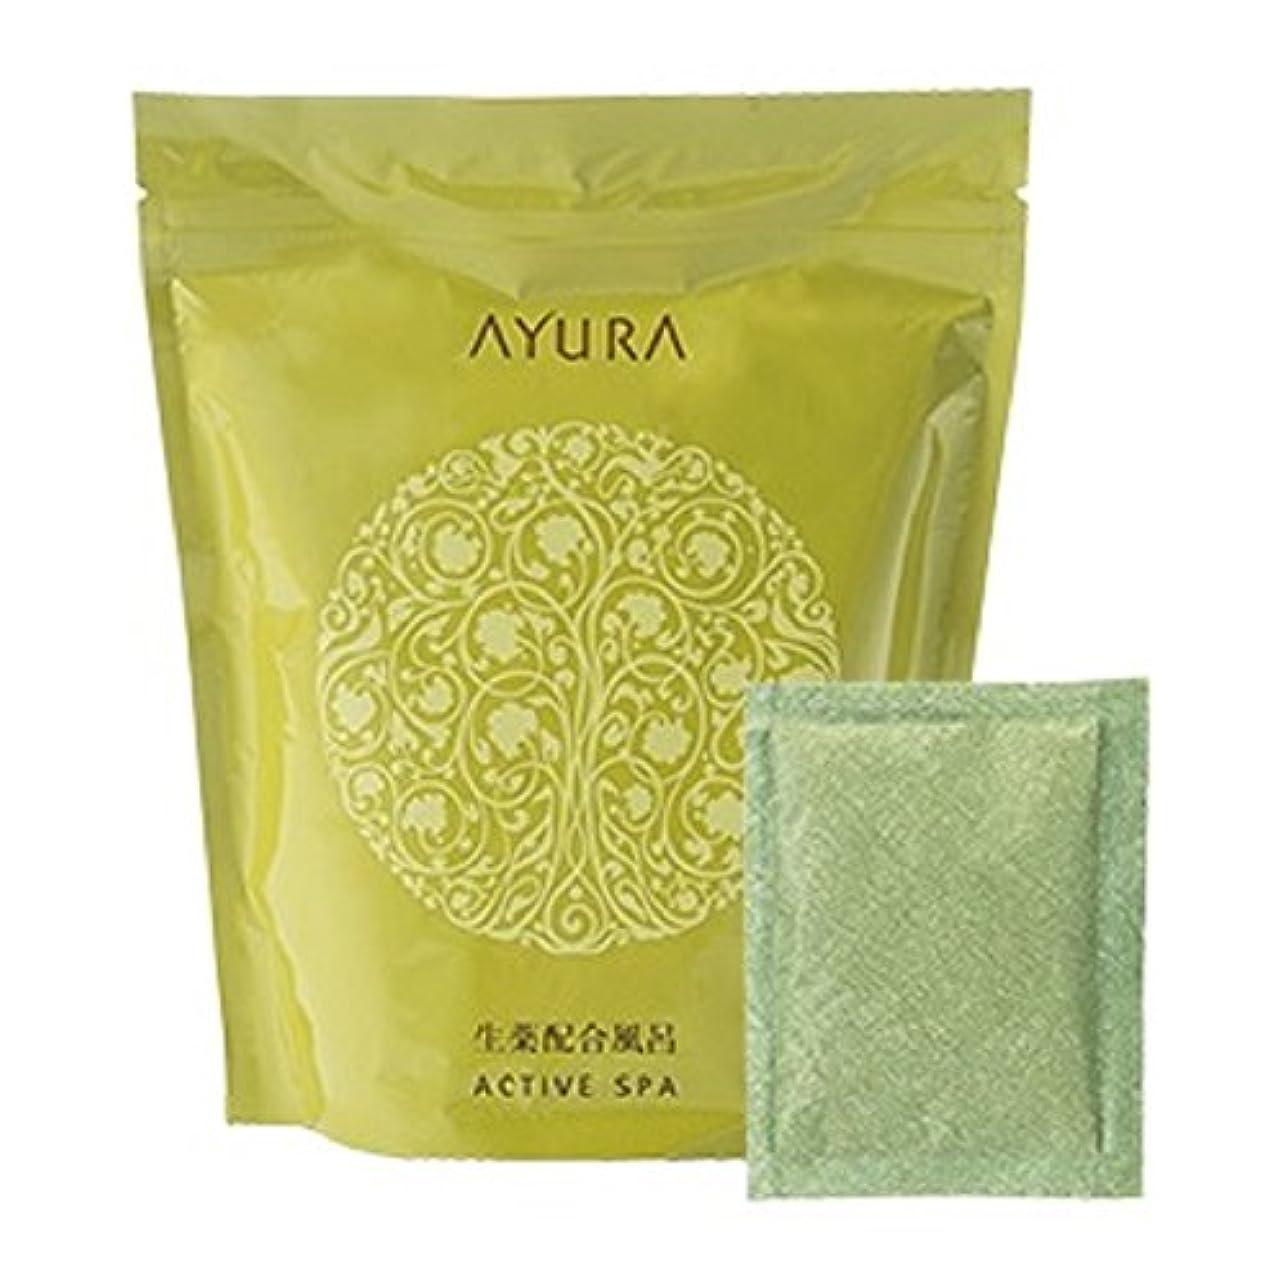 積極的にブリッジこどもセンターアユーラ (AYURA) アクティブスパα 30g 10包入 (医薬部外品) 〈薬用 入浴剤〉